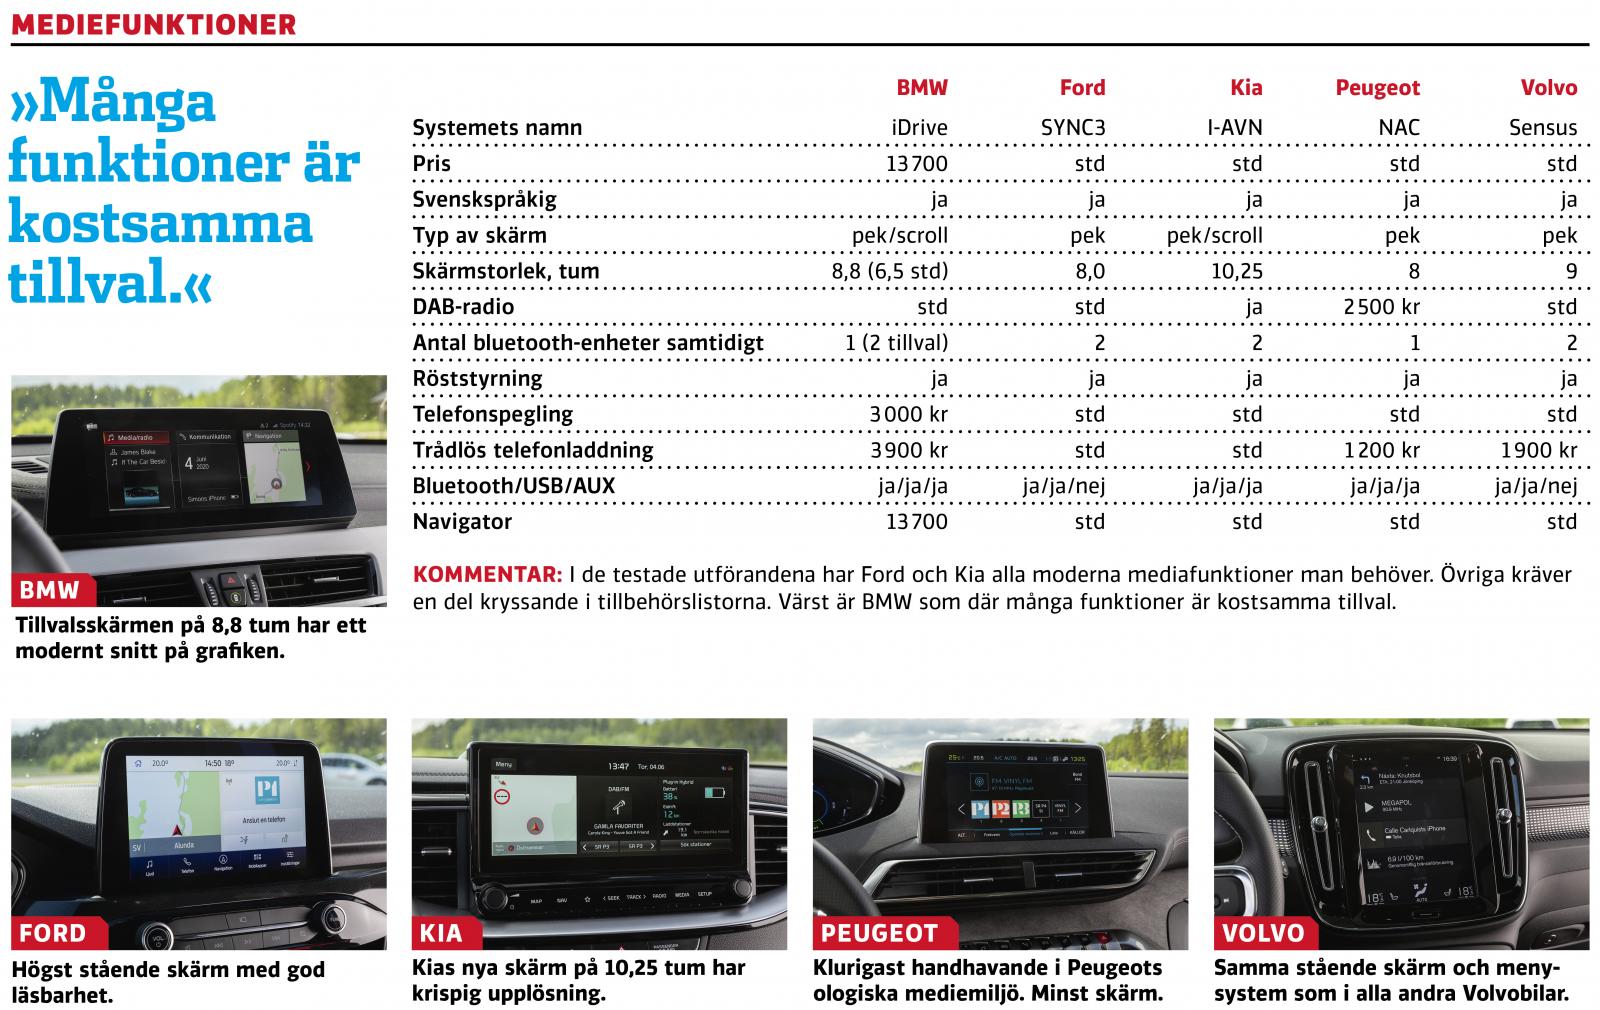 Test: BMW X1, Ford Kuga, Kia XCeed, Peugeot 3008 och Volvo XC40 (2020)